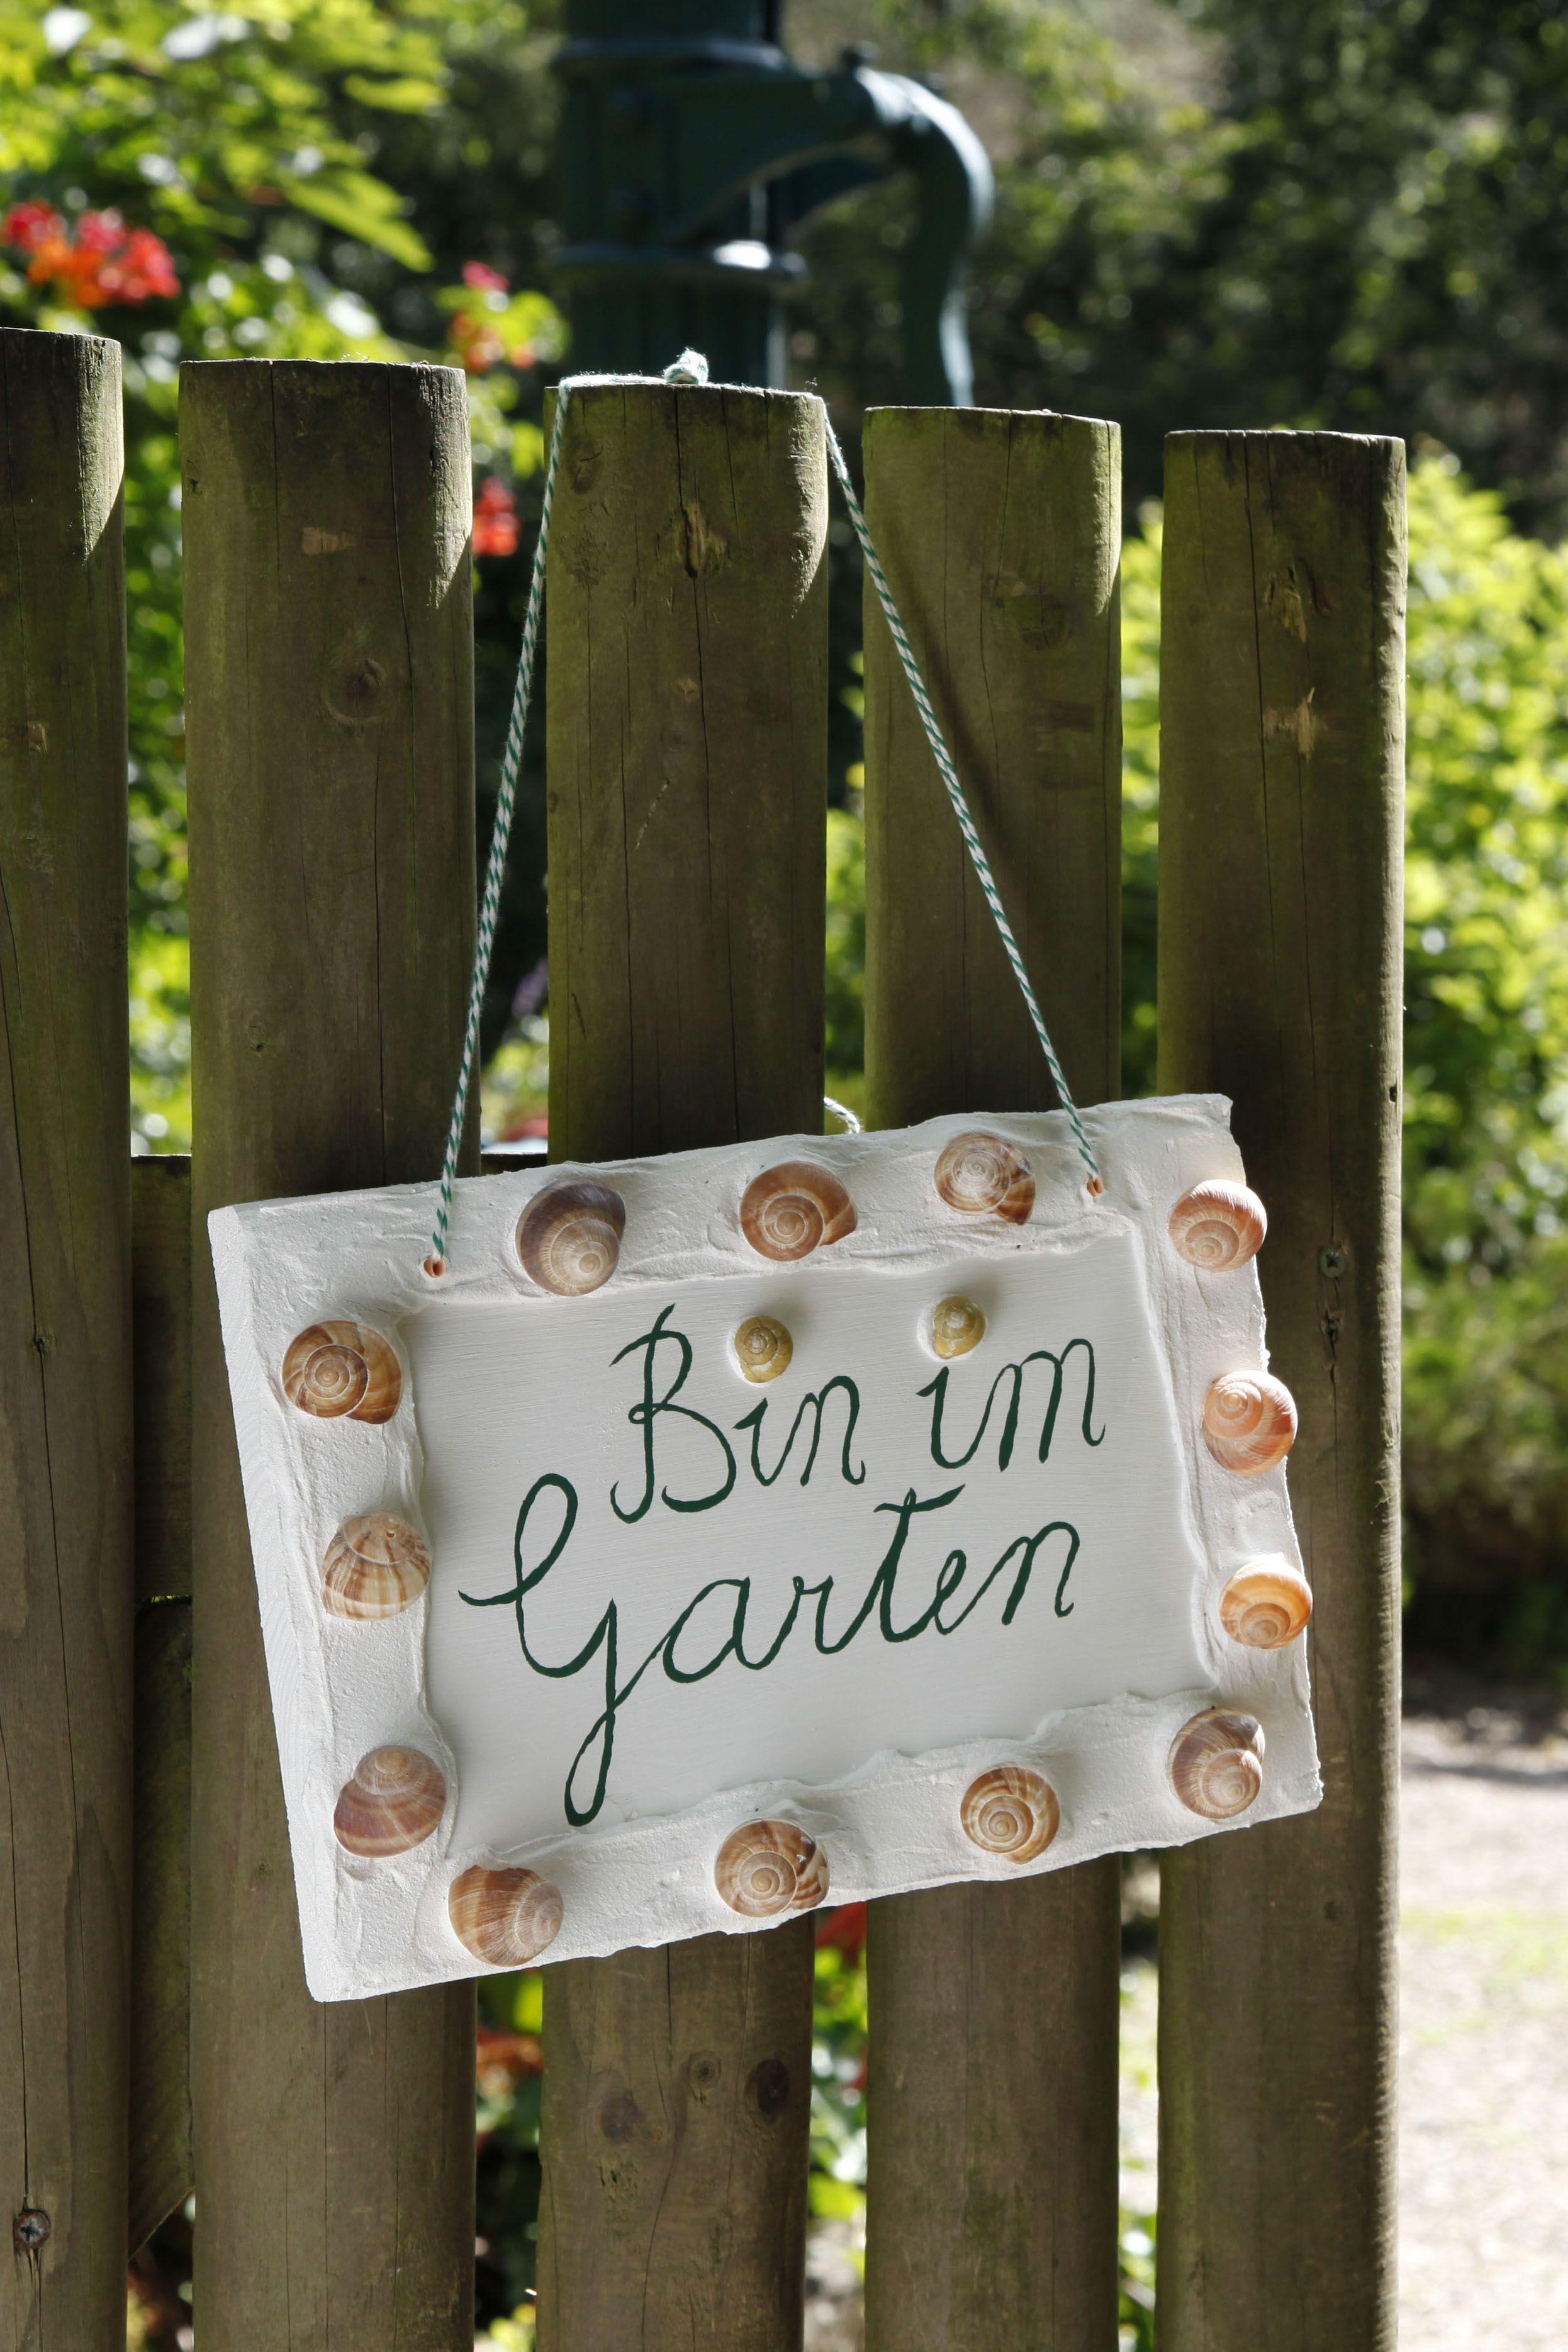 Gartenschild Mit Schneckenhausern Gartenschilder Garten Deko Gartendekor